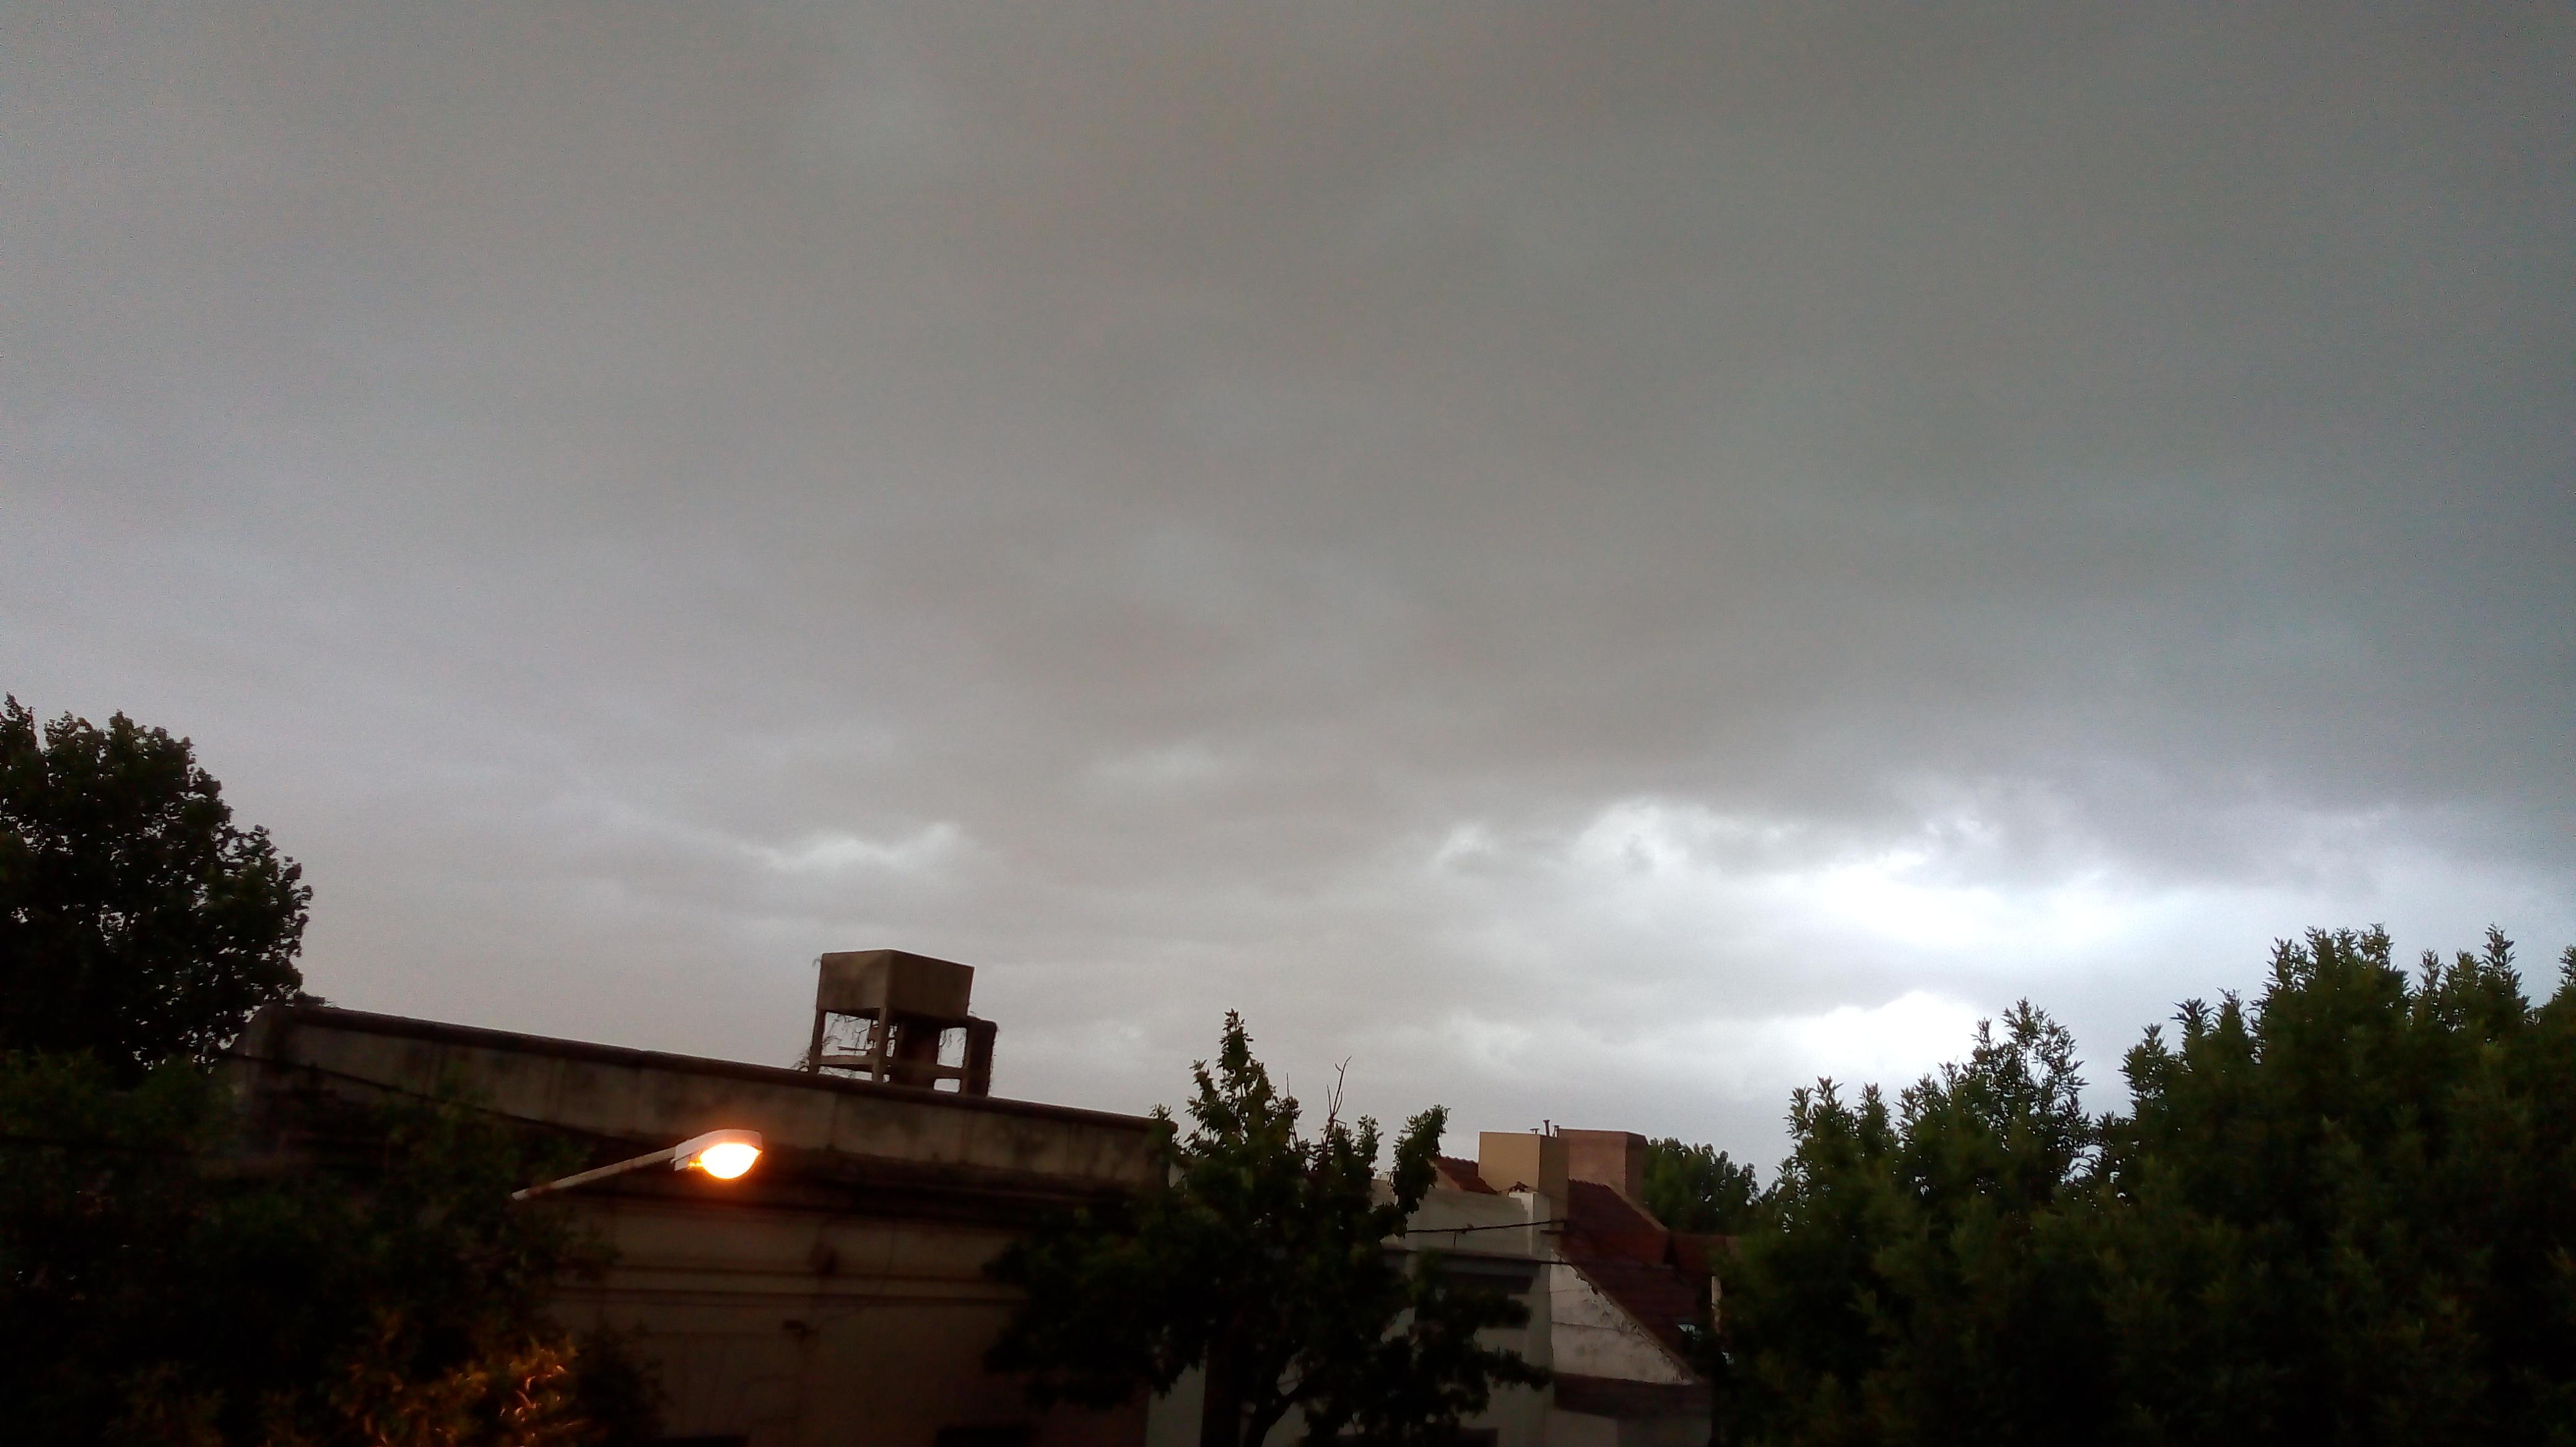 Desde el área de Defensa Civil informan un nuevo alerta meteorológico, anunciando fuertes vientos, lluvias y posible caída de granizo.